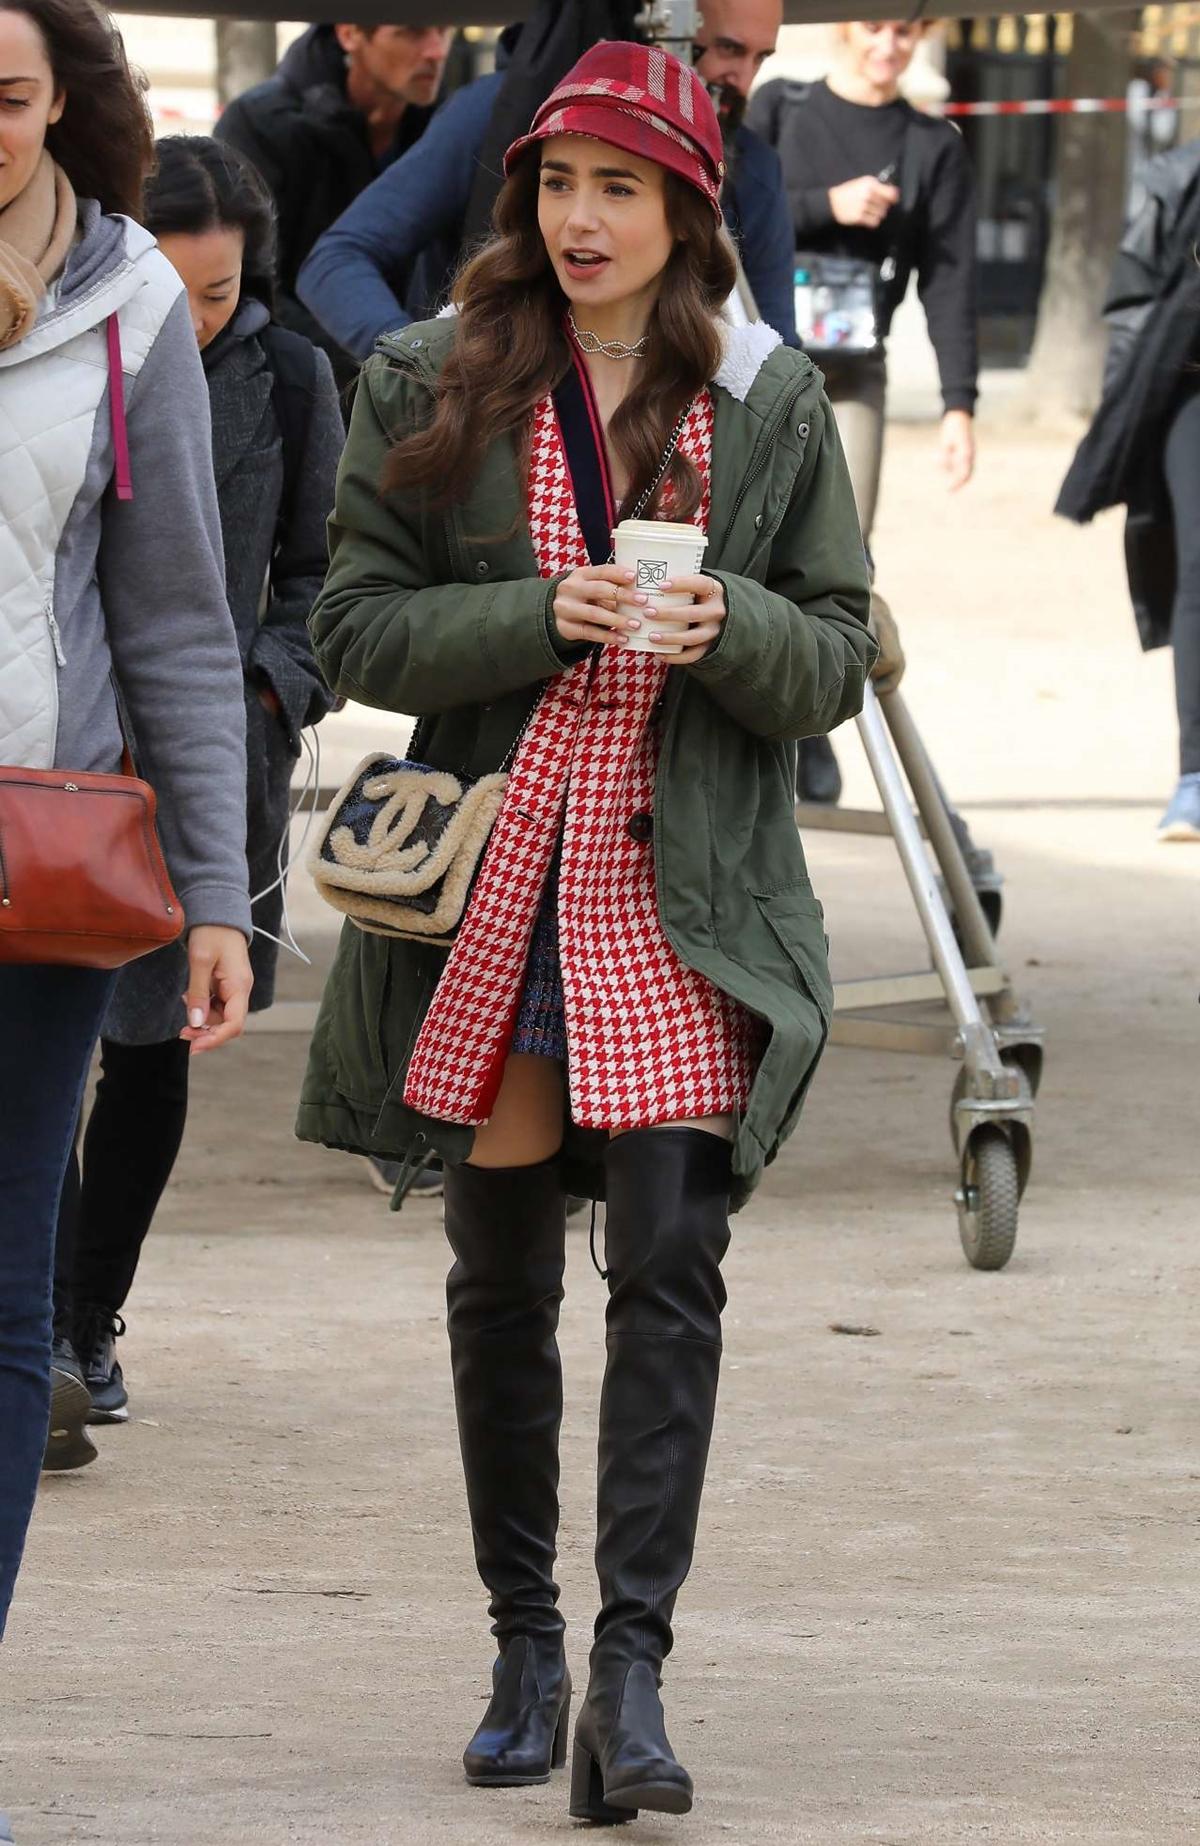 Cô thu hút ống kính khi diện các thiết kế đậm chất cổ điển gồm áo khoác Zara kẻ ô, mũ sọc đỏ, túi đeo vai gắn lông cừu Chanel, mix thêm áo khoác quân đội, boots cao lên gối, hài hòa nét thanh lịch và năng động. Ảnh: Splashnews